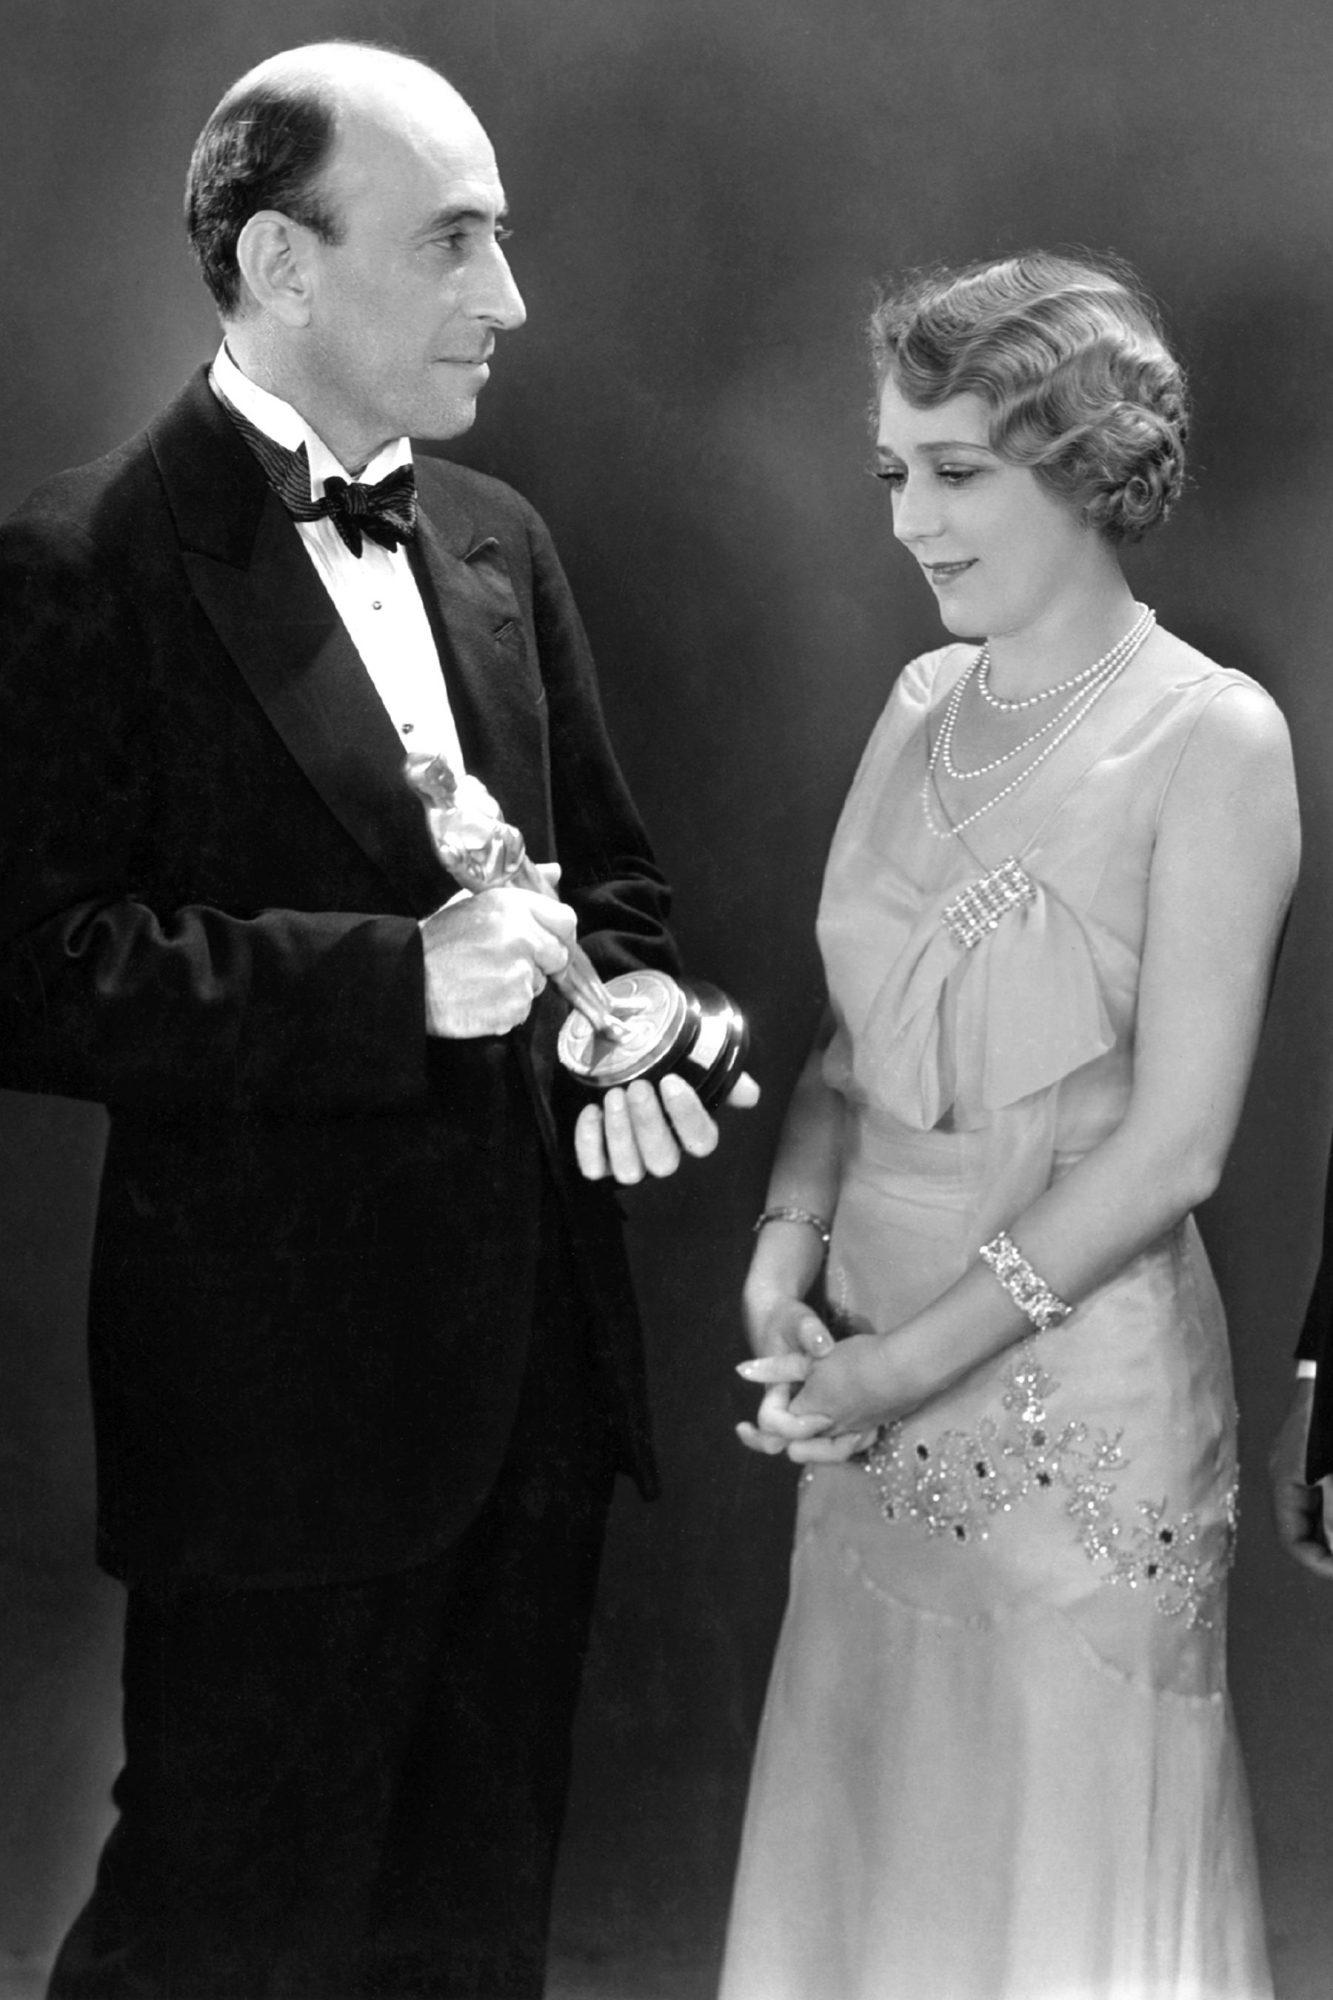 The Oscars 1930